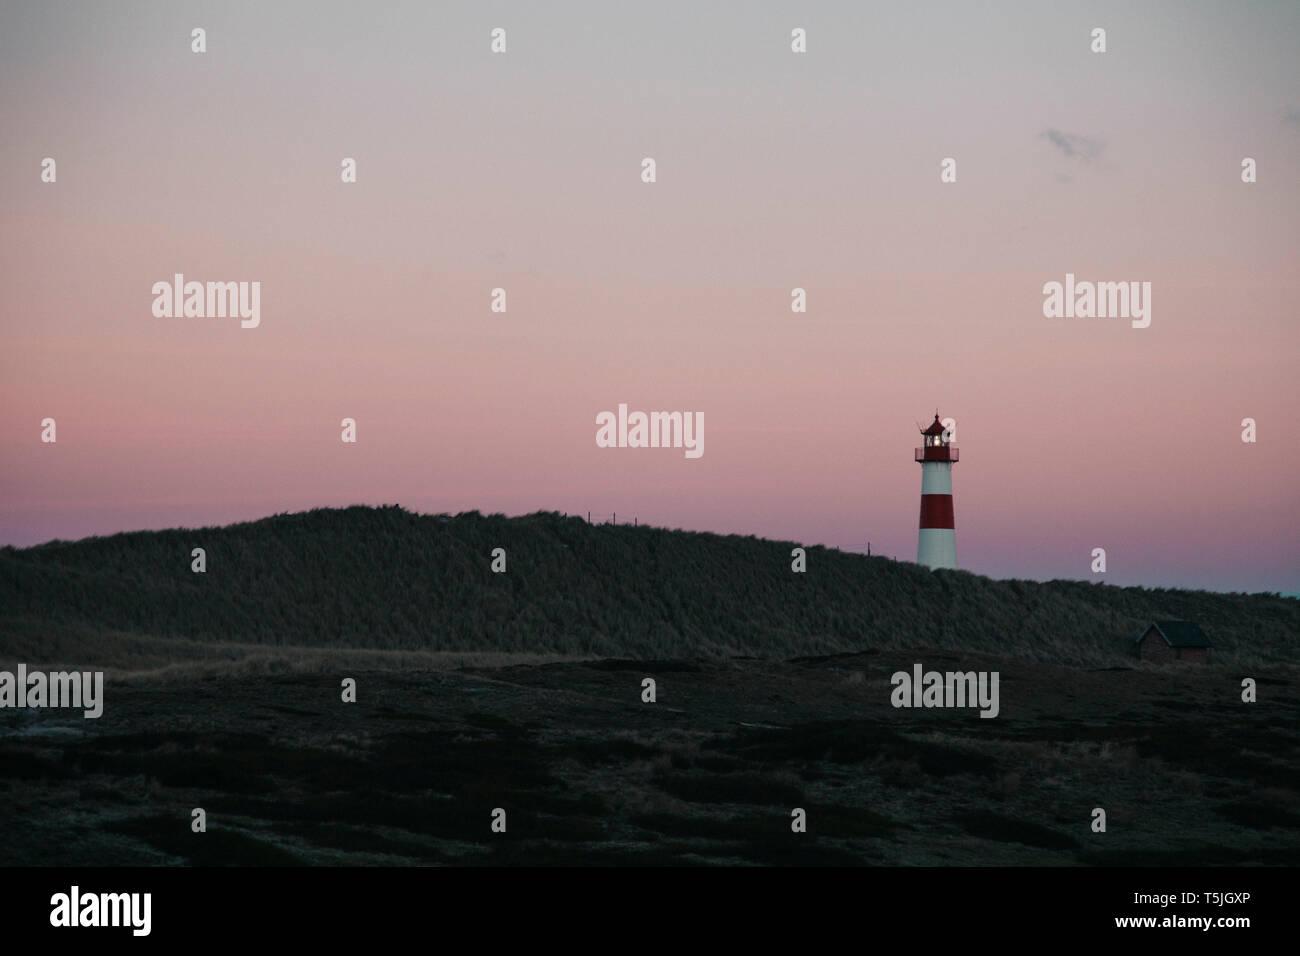 Germany, Sylt, Schleswig Holstein Wadden Sea National Park, dune landscape, Ellenbogen, lighthouse List Ost, evening light - Stock Image